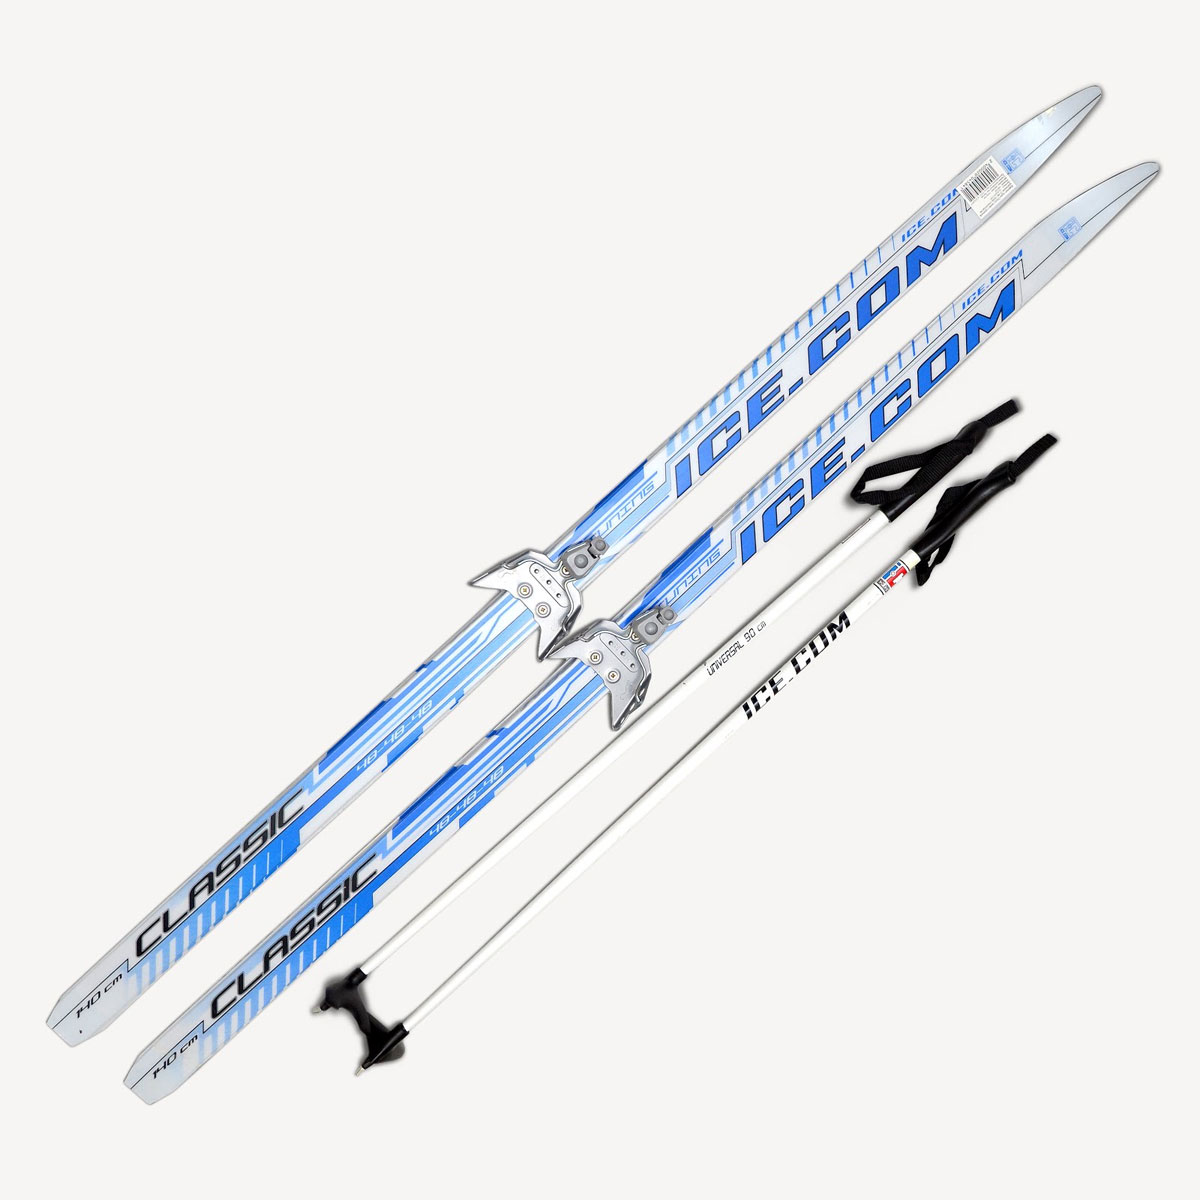 Лыжный комплект Ice.com Classic step, цвет: синий, крепление 75 мм. Длина 140 смNN75 KidsчЛыжный комплект Ice.com Classic step (с насечкой) предназначен для активного катания и прогулок по лыжне как классическим стилем, так и коньковым (свободным) ходом. Особенности:Скользящая поверхность из экструдированного полиэстера;Облегченный деревянный клин c воздушными каналами;Модель со степ насечкой, не требующей нанесения мазей;Палки 100% углеволокно;Крепление 75 мм. Характеристики:Длина лыжи: 140 см. Геометрия: 46-46-46. Длина палок: 90 см. Крепления: 75 мм. Материал: пластик, дерево, углеволокно. Цвет: синий. Размер упаковки: 140 см х 12 см х 15 см.